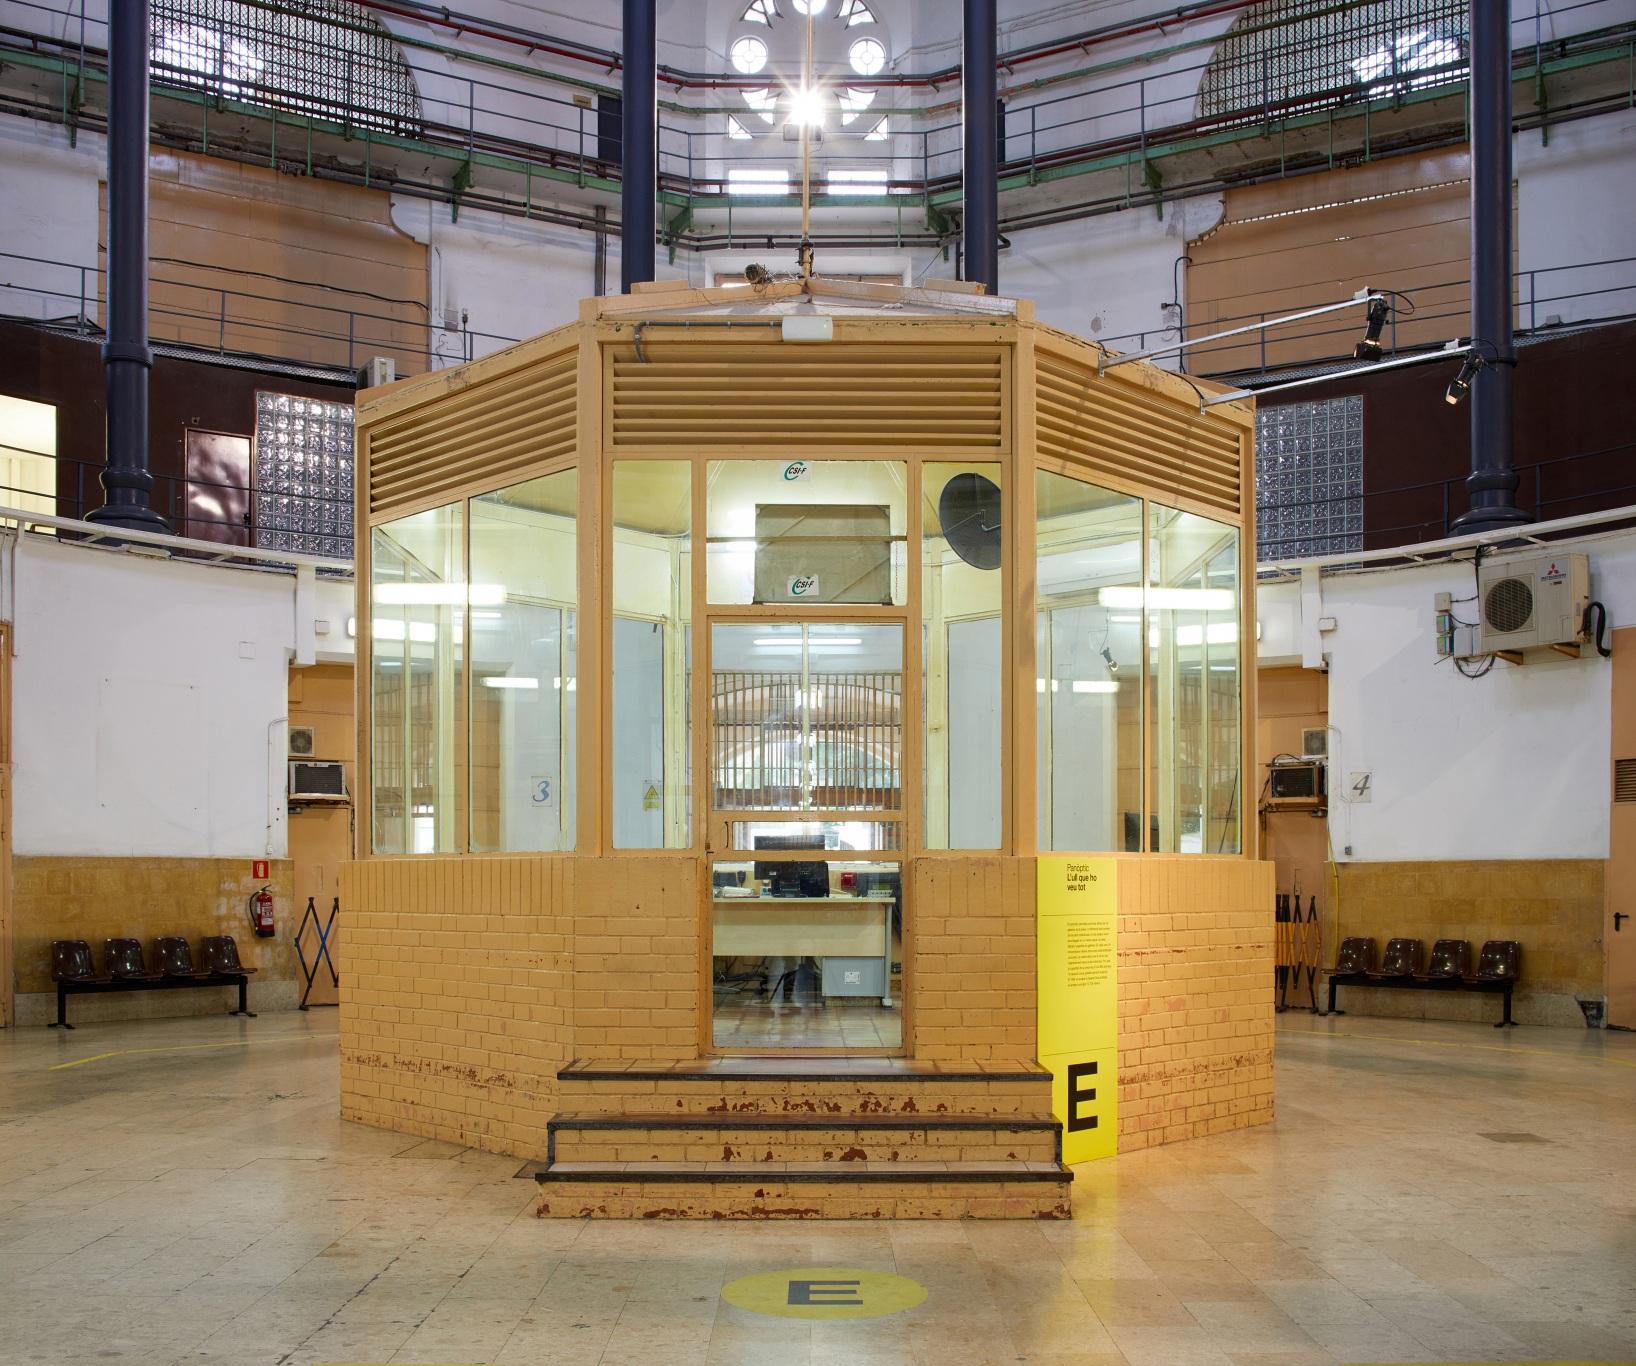 Visita museizada a la Presó Model. Caseta de los vigilantes en el panóptico de la prisión.